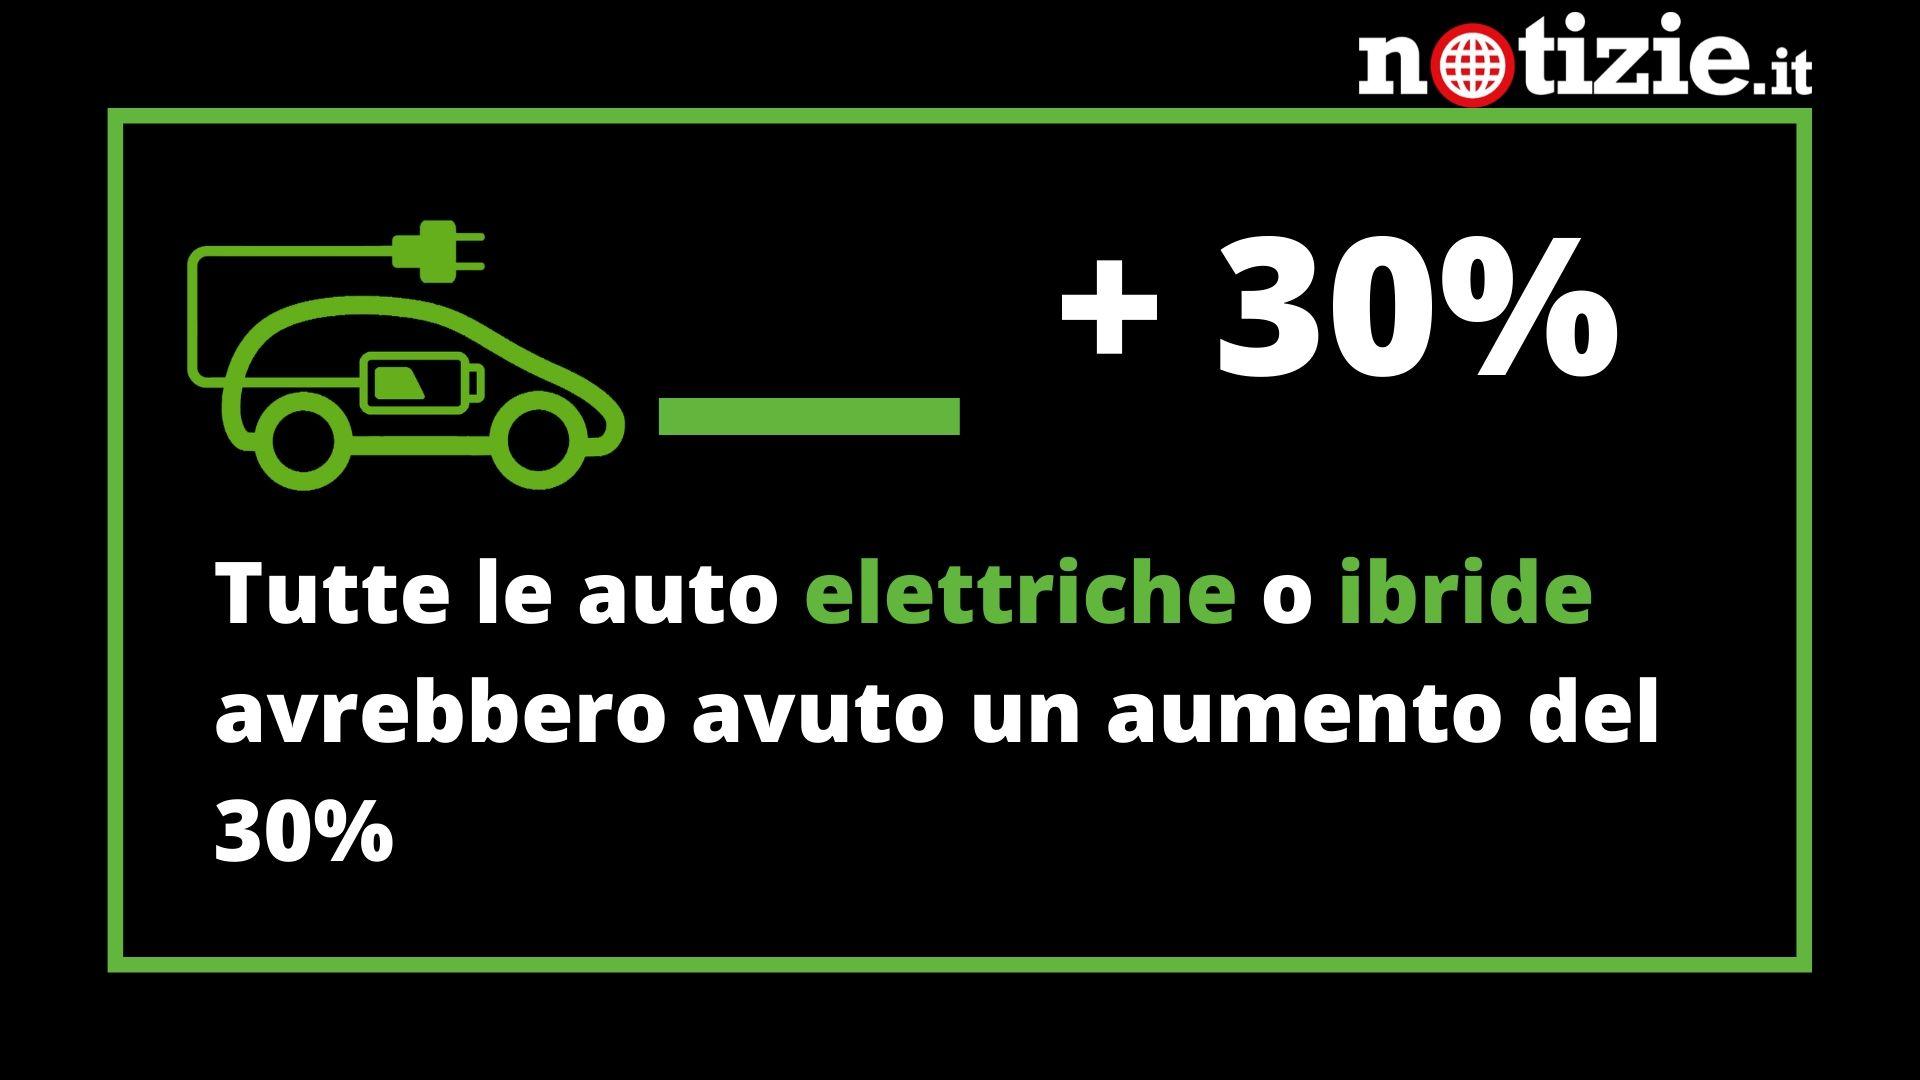 manovra auto aziendali elettriche e ibride